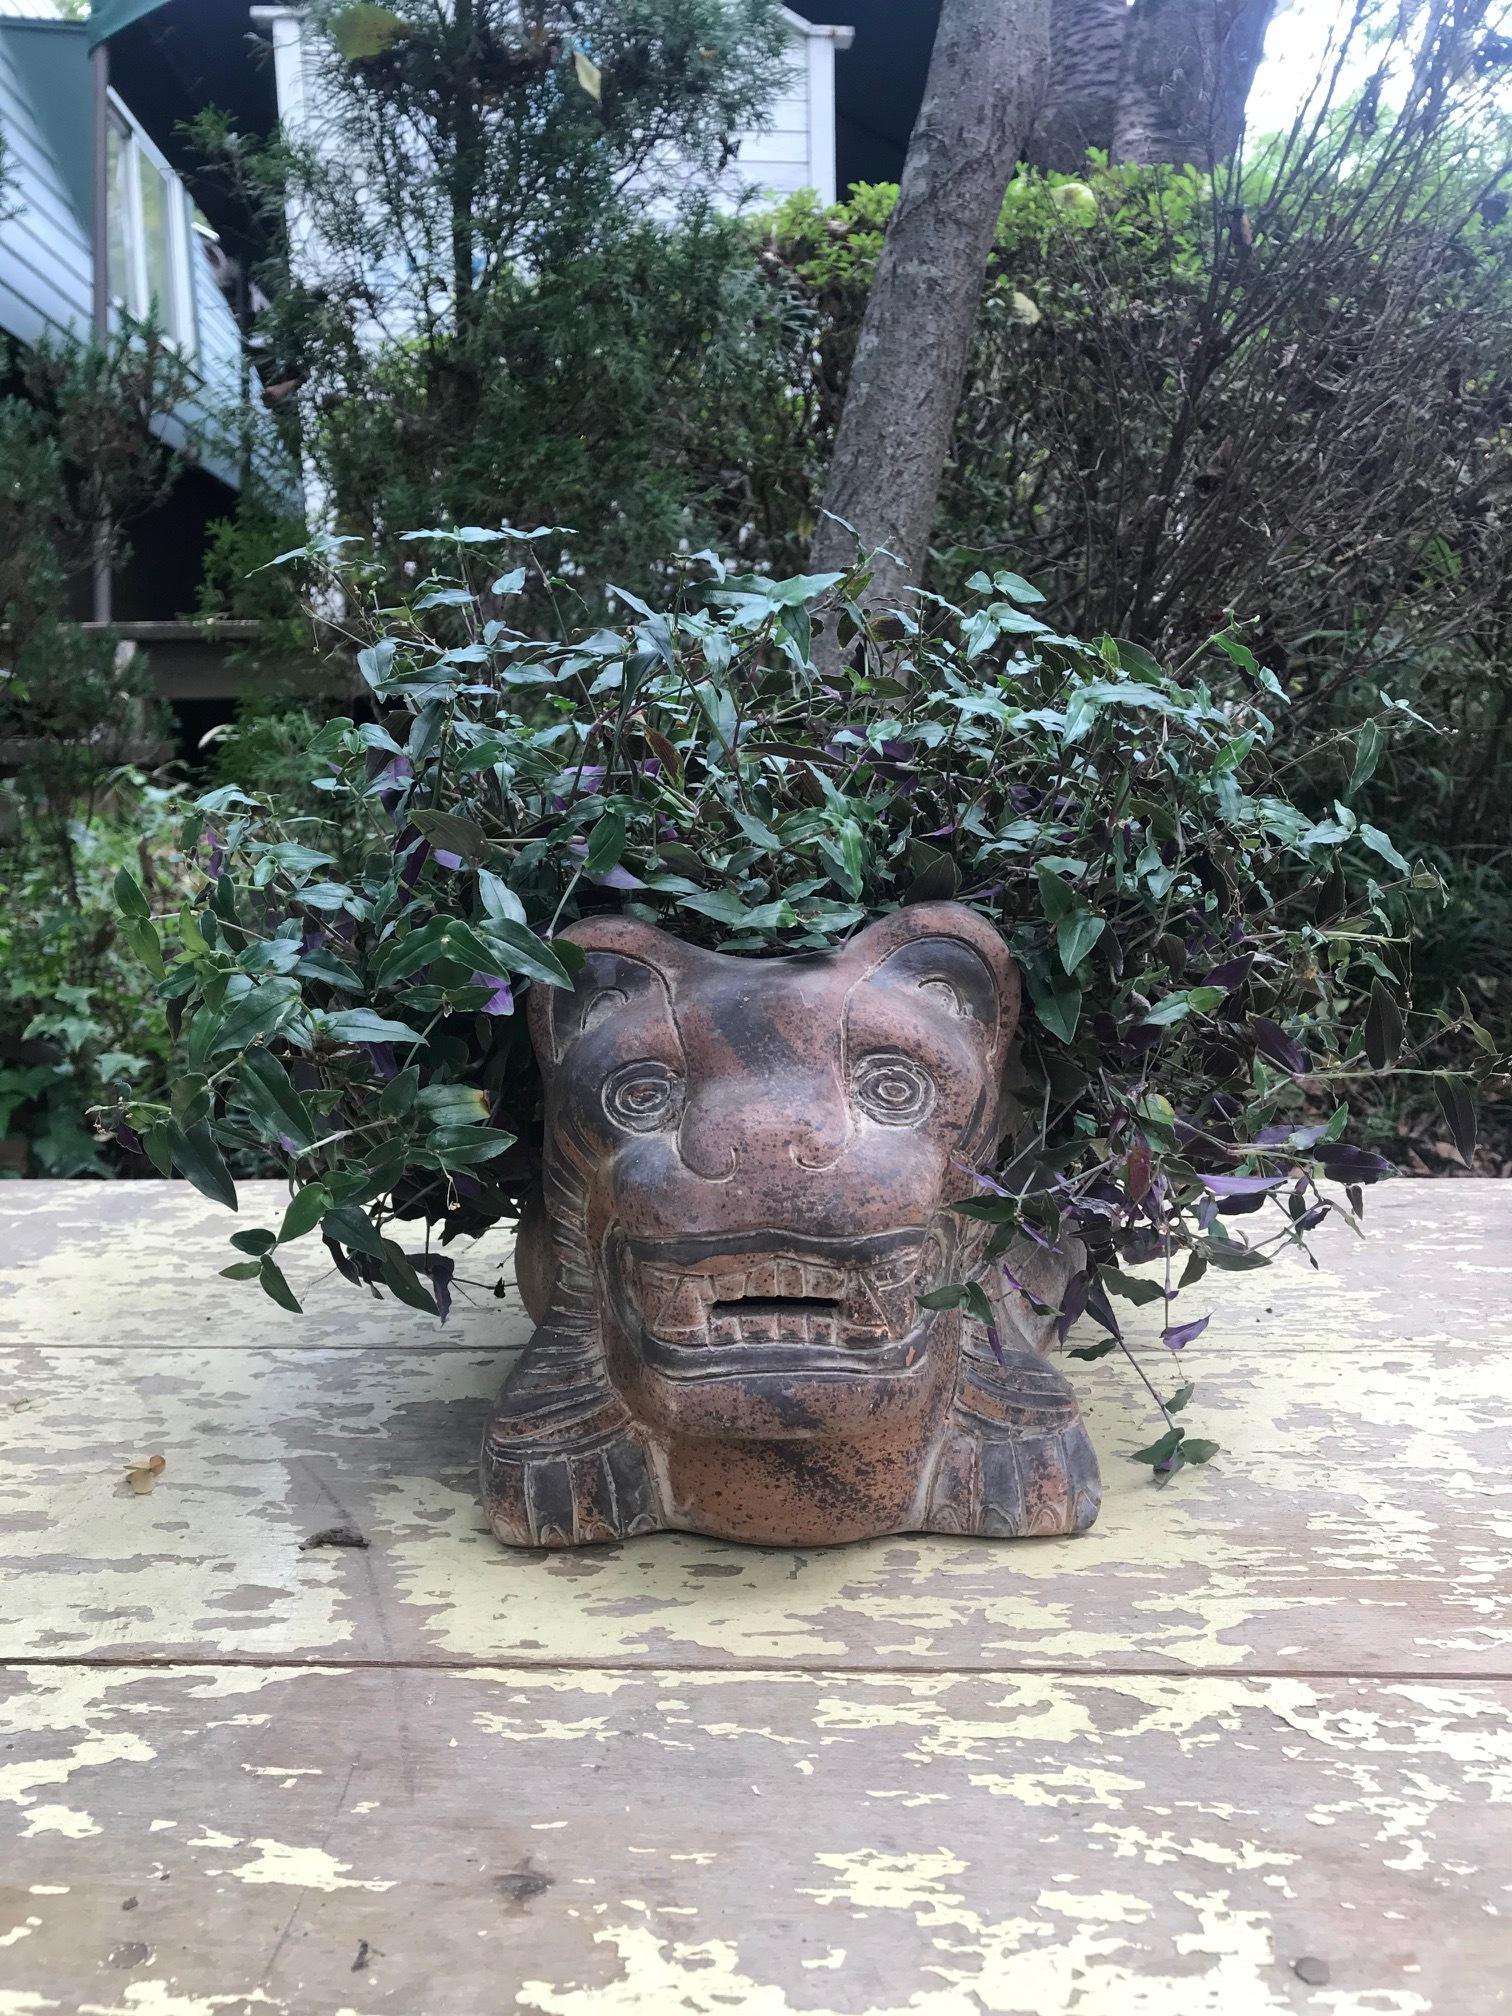 シーサーのような虎 陶器ポット 鉢カバー 植木鉢